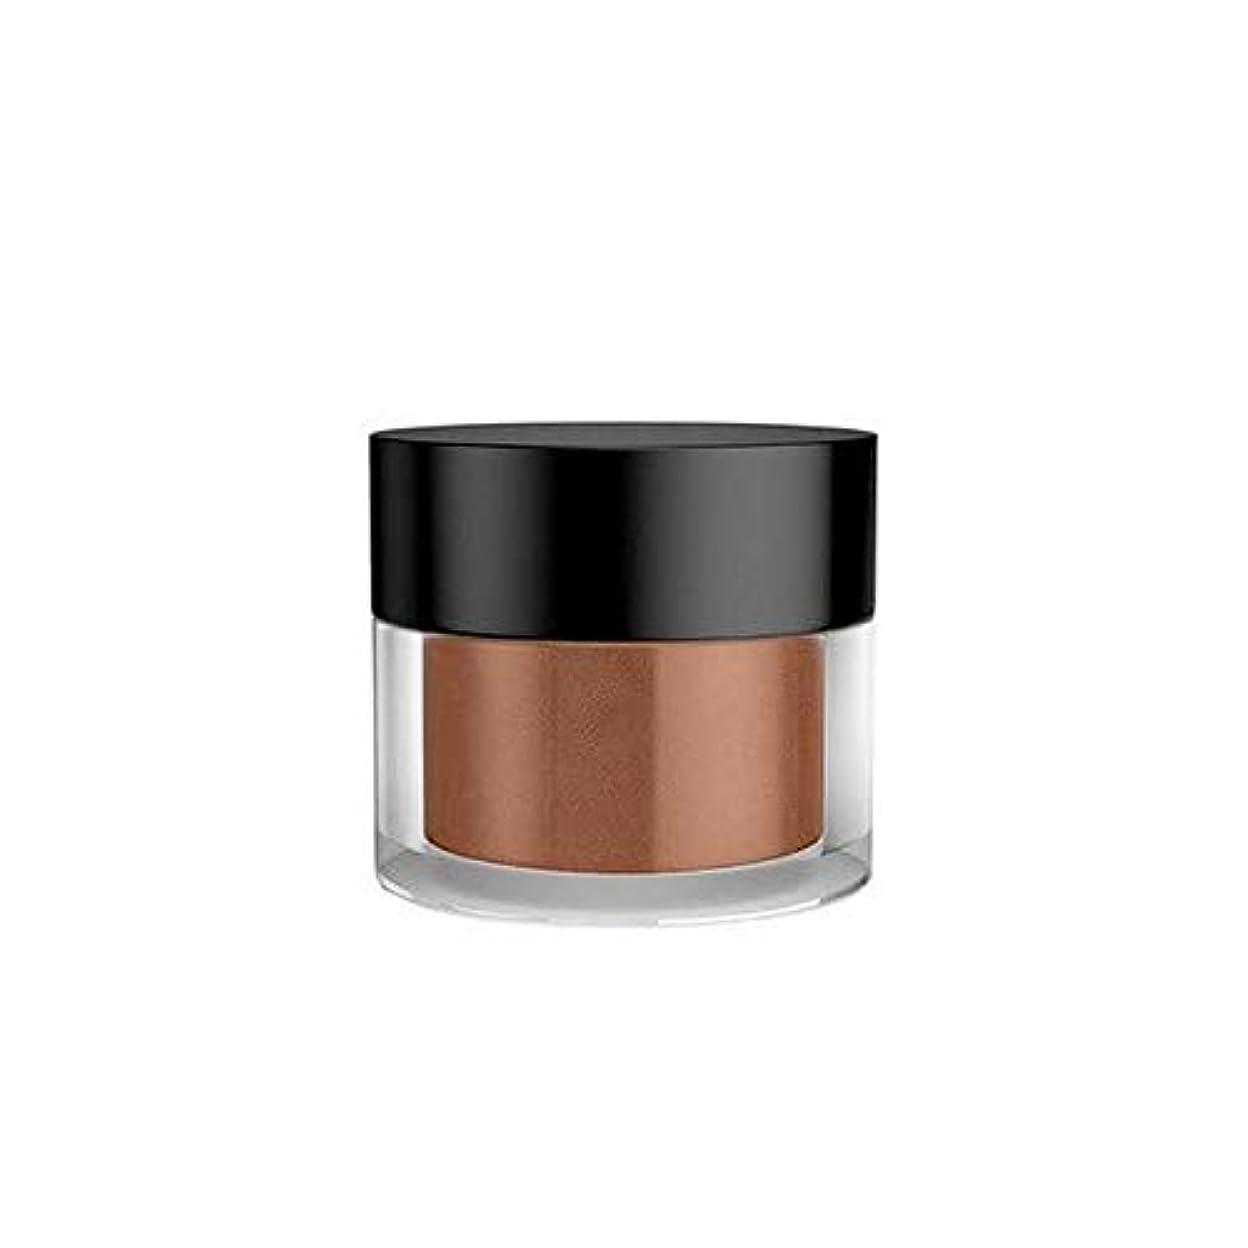 相関する磁器サポート[GOSH ] おやっエフェクトパウダーミンク003 - Gosh Effect Powder Mink 003 [並行輸入品]